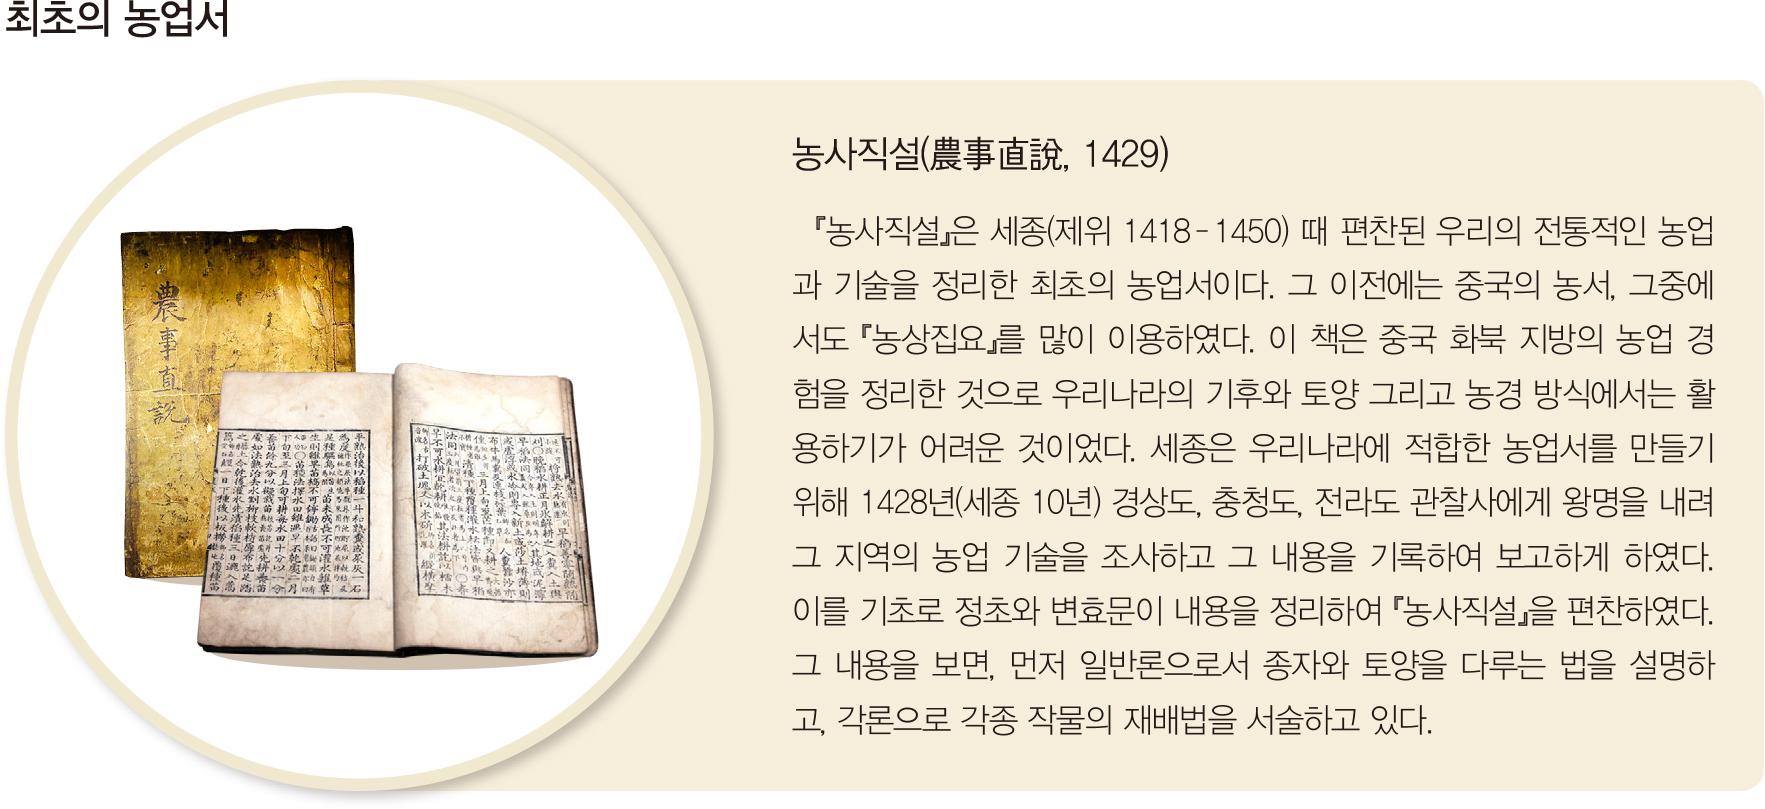 최초의 농업서